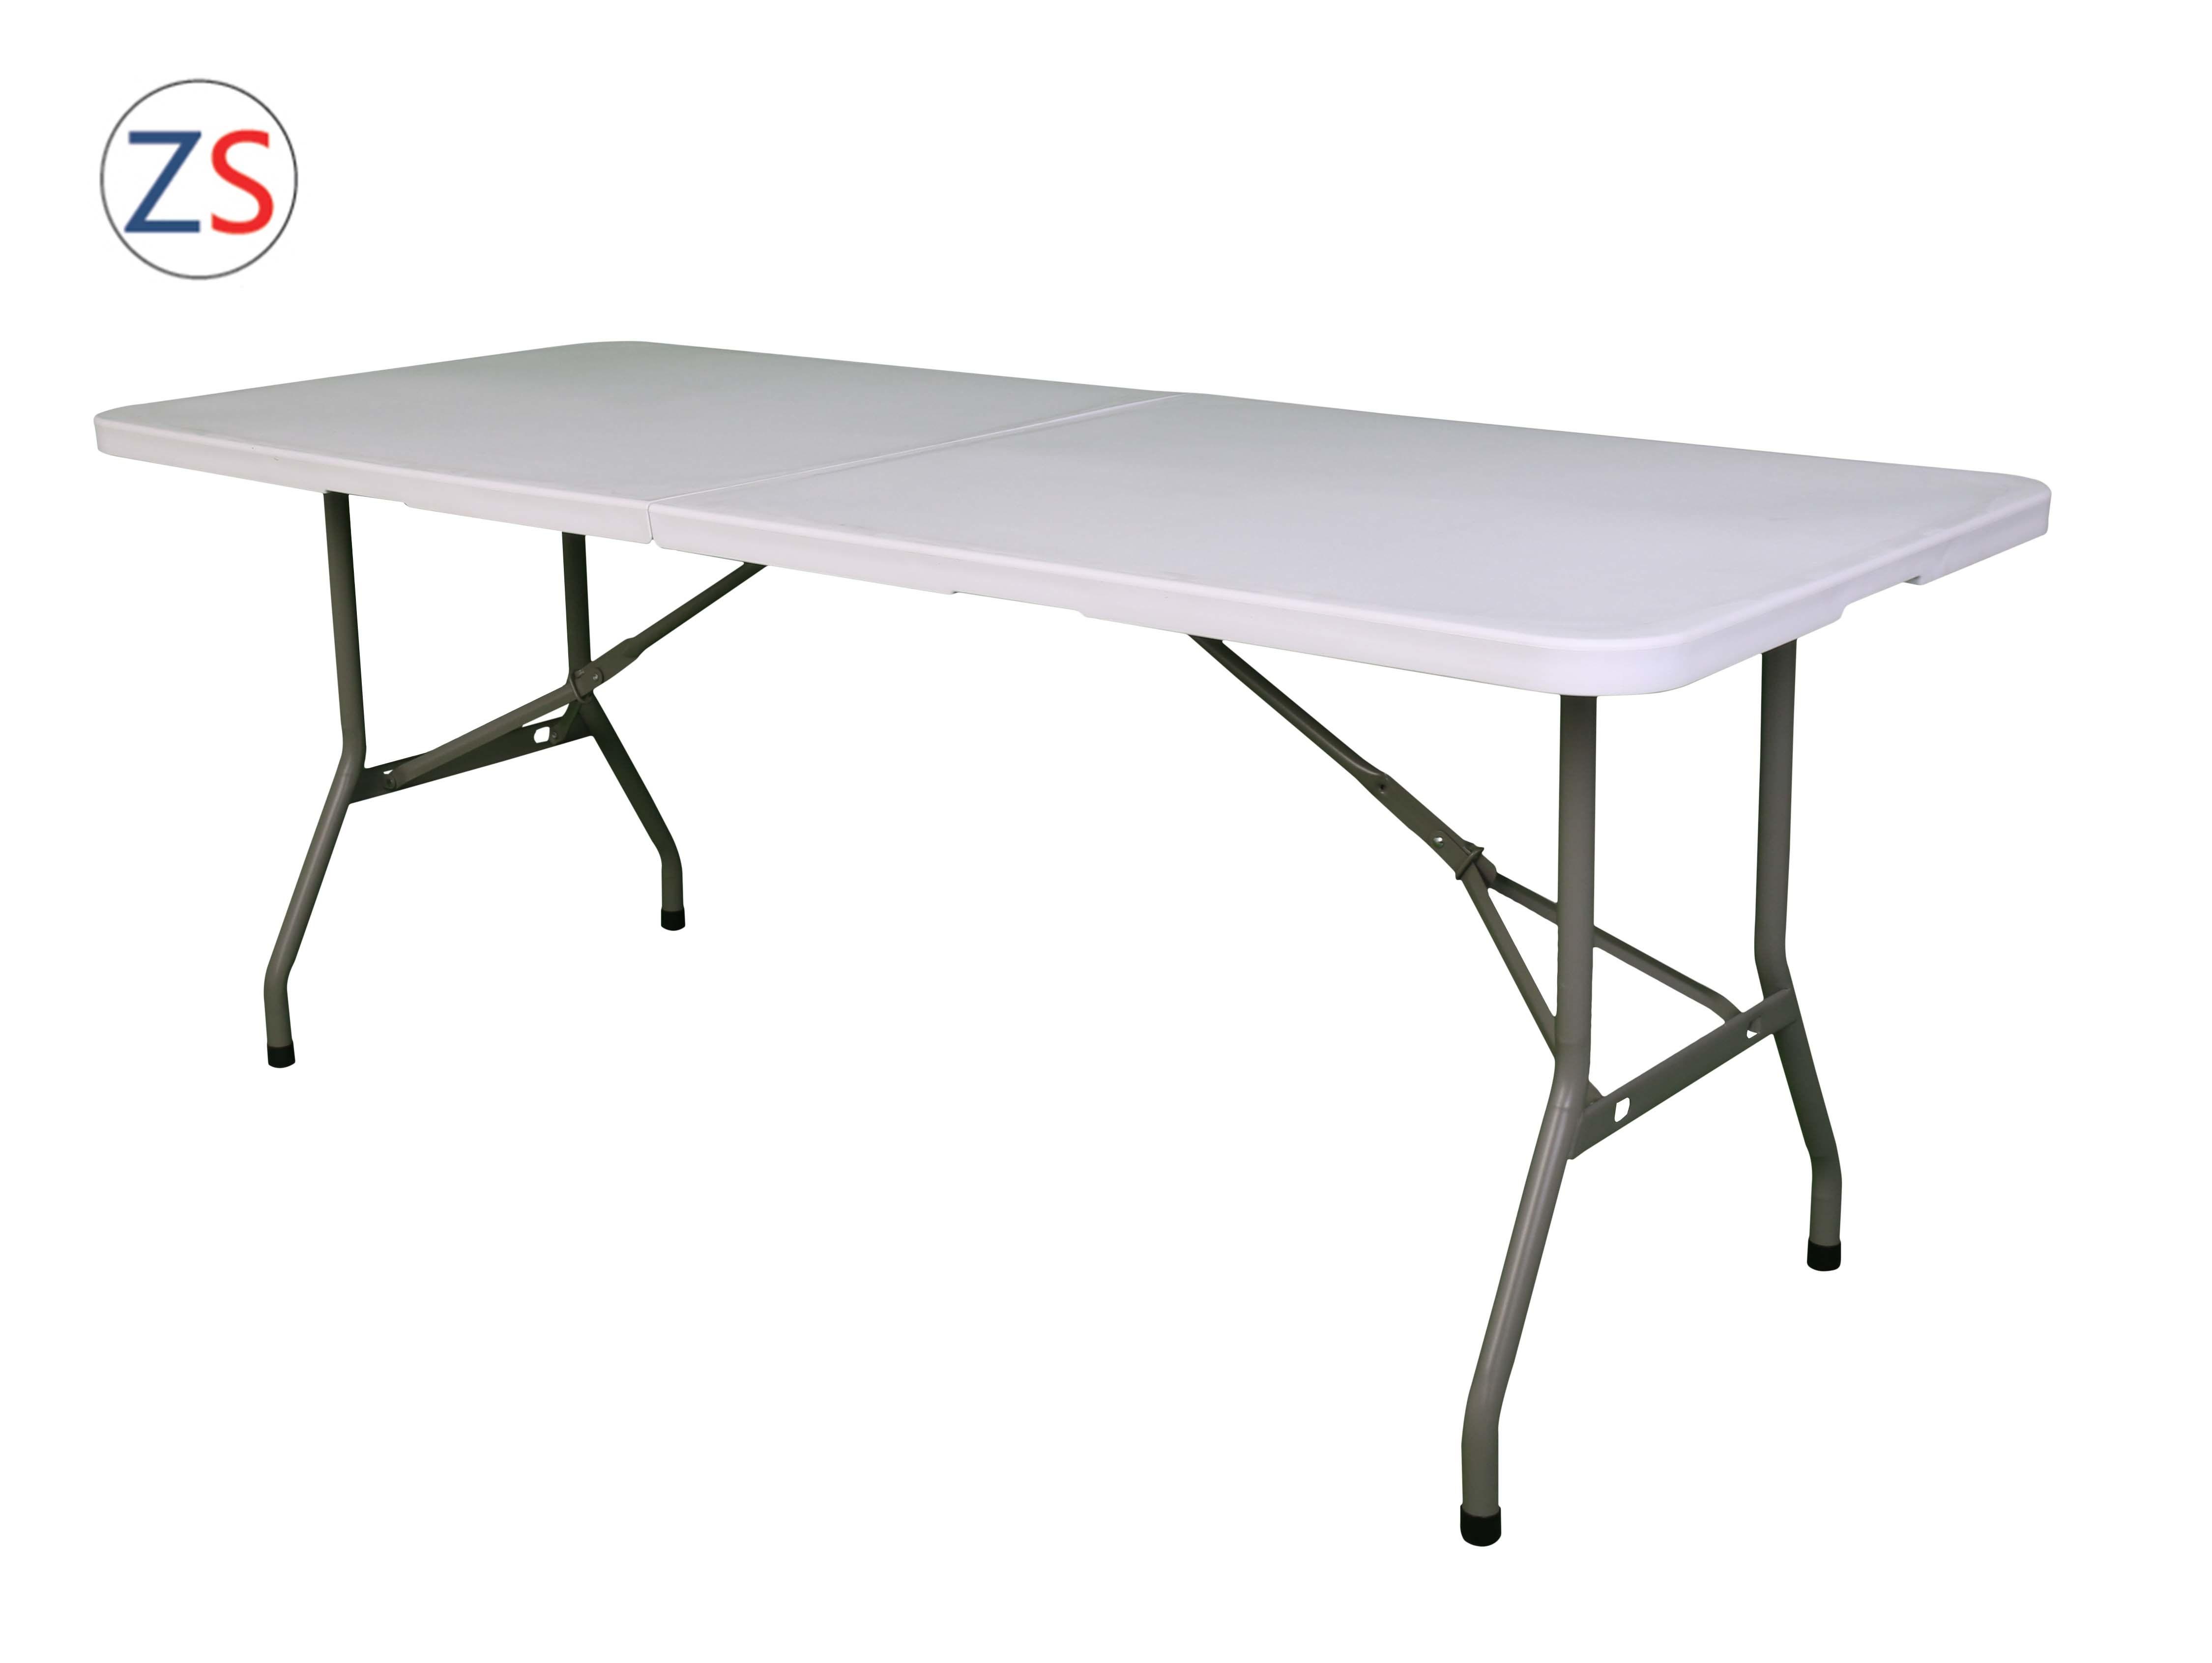 - China 6FT Plastic Folding Portable PP Table - China Folding Table